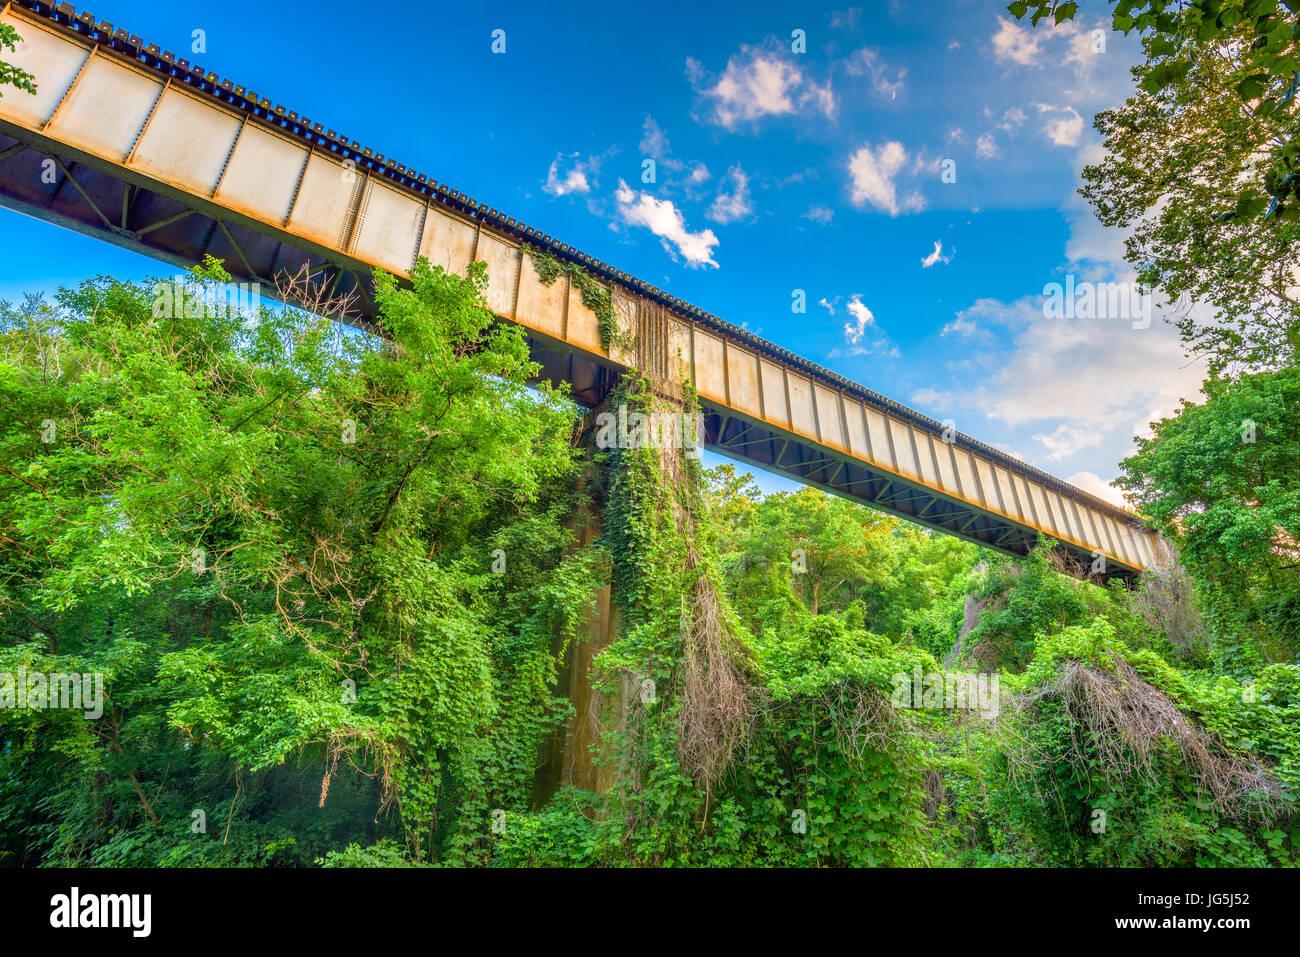 Un treno traliccio passa attraverso una zona rurale. Immagini Stock